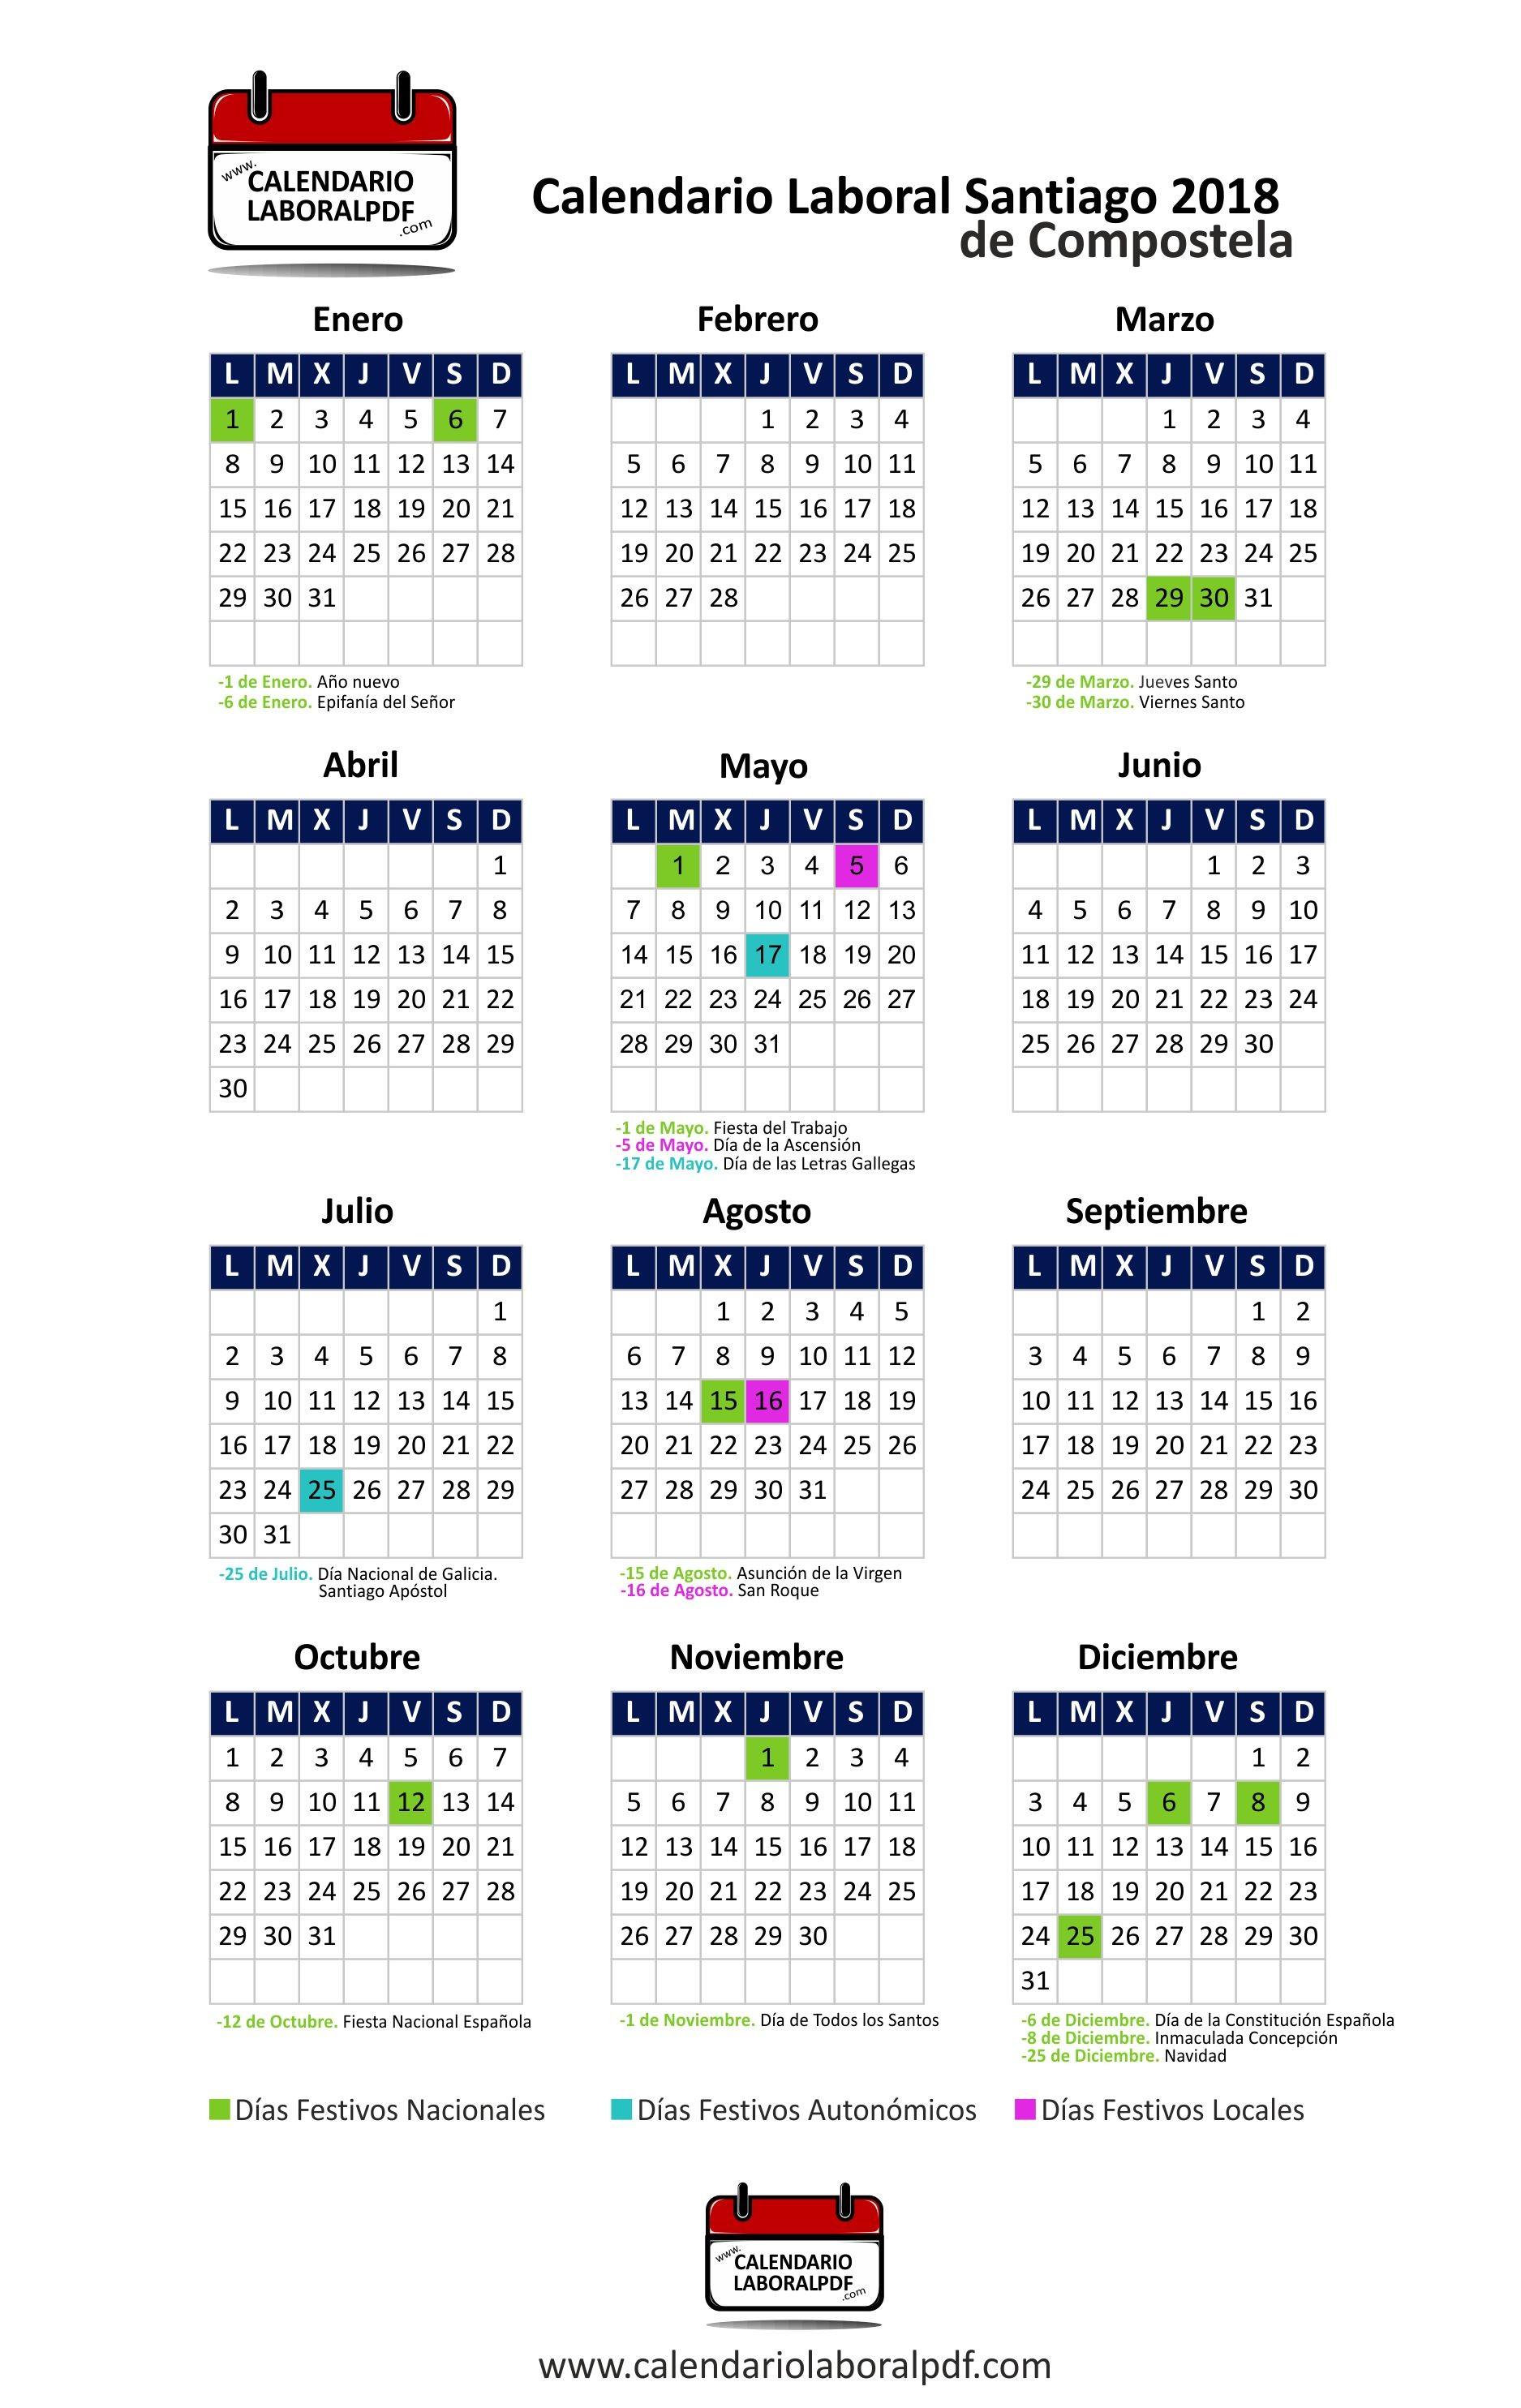 Descarga el Calendario Laboral 2018 de Santiago de postela en formato pinchando en el siguiente enlace